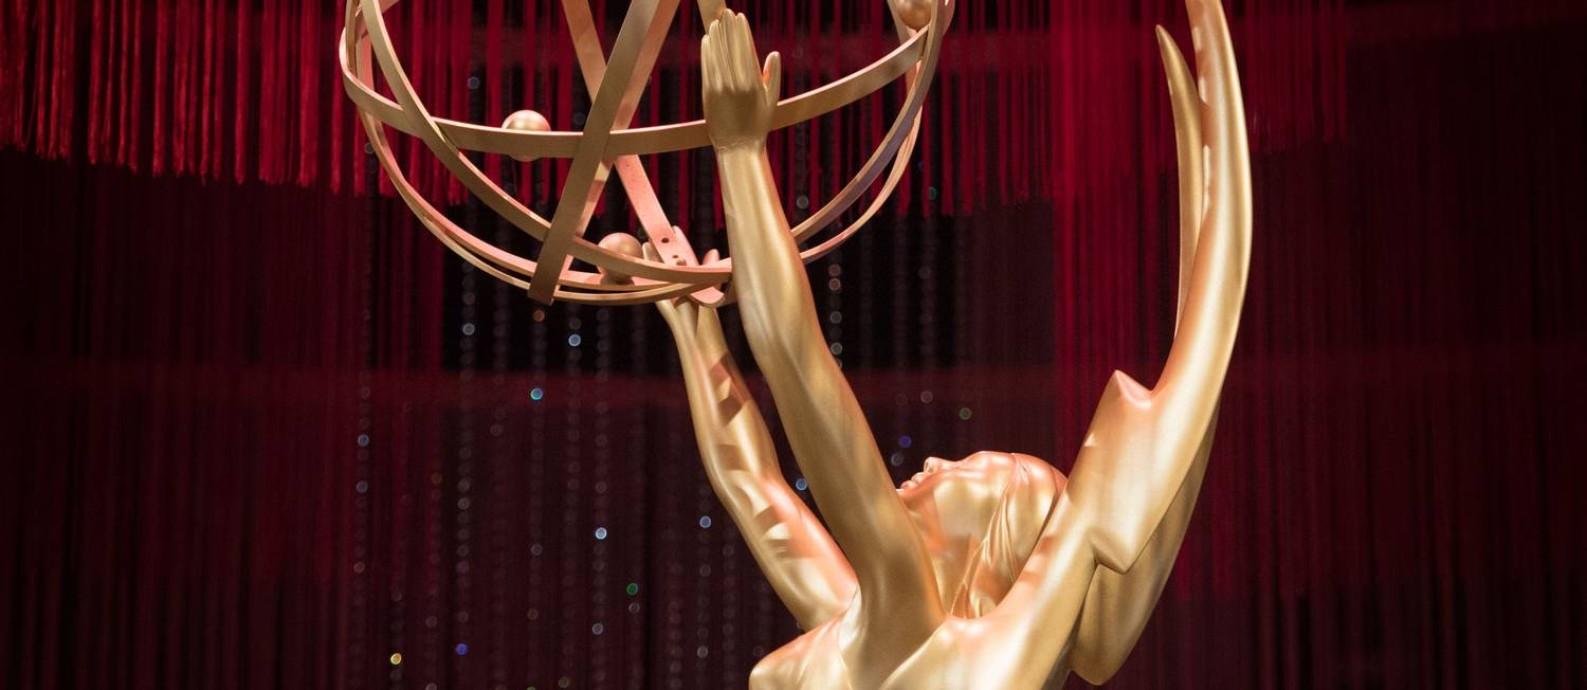 Emmy Awards: 71ª edição do prêmio da TV americana acontece neste domingo em Los Angeles Foto: MARK RALSTON / AFP